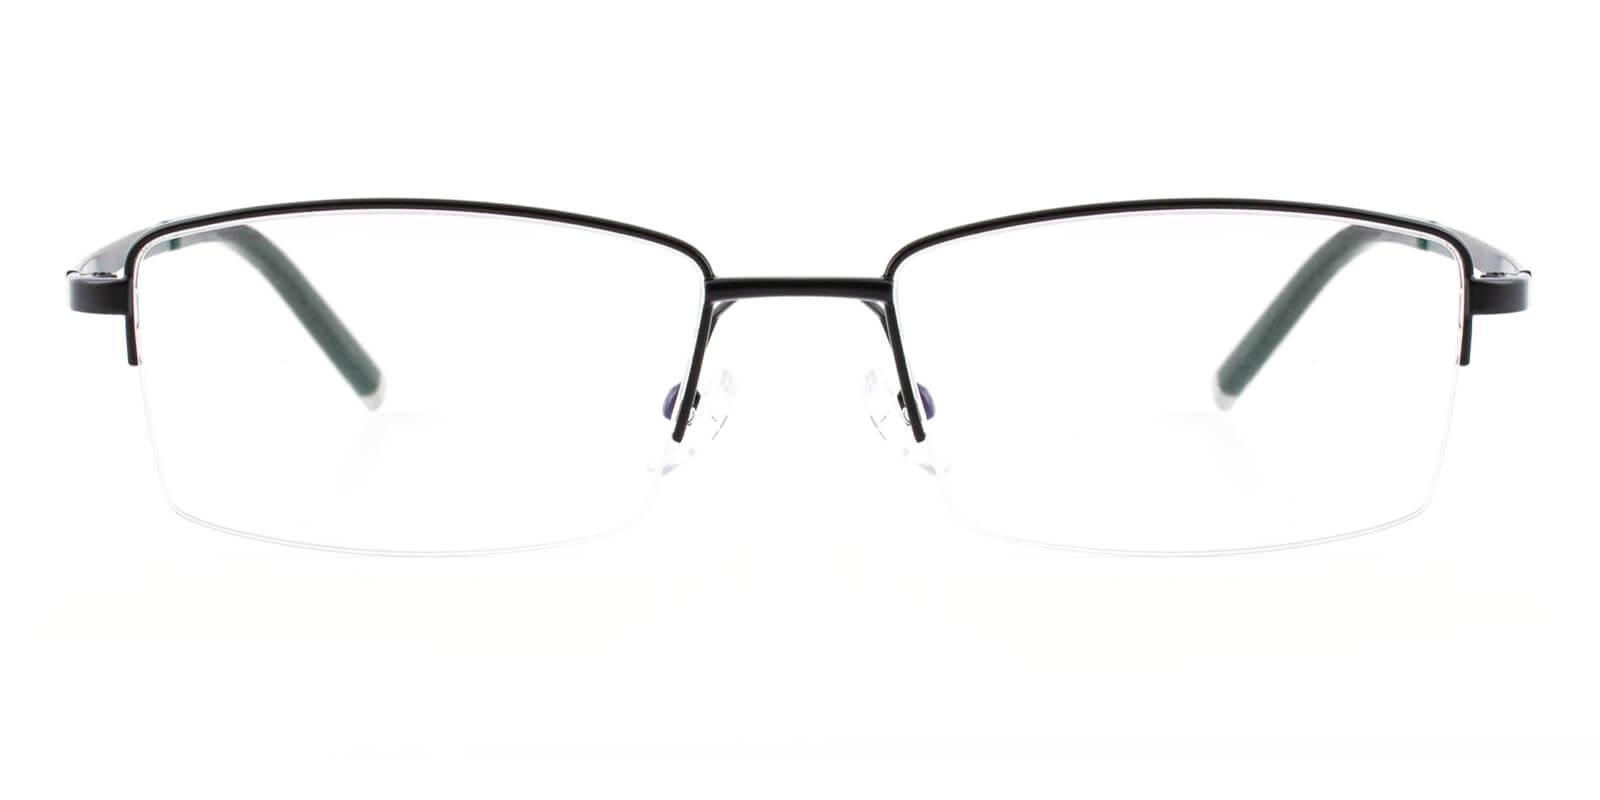 Emerge-Black-Rectangle-Titanium-Eyeglasses-additional2